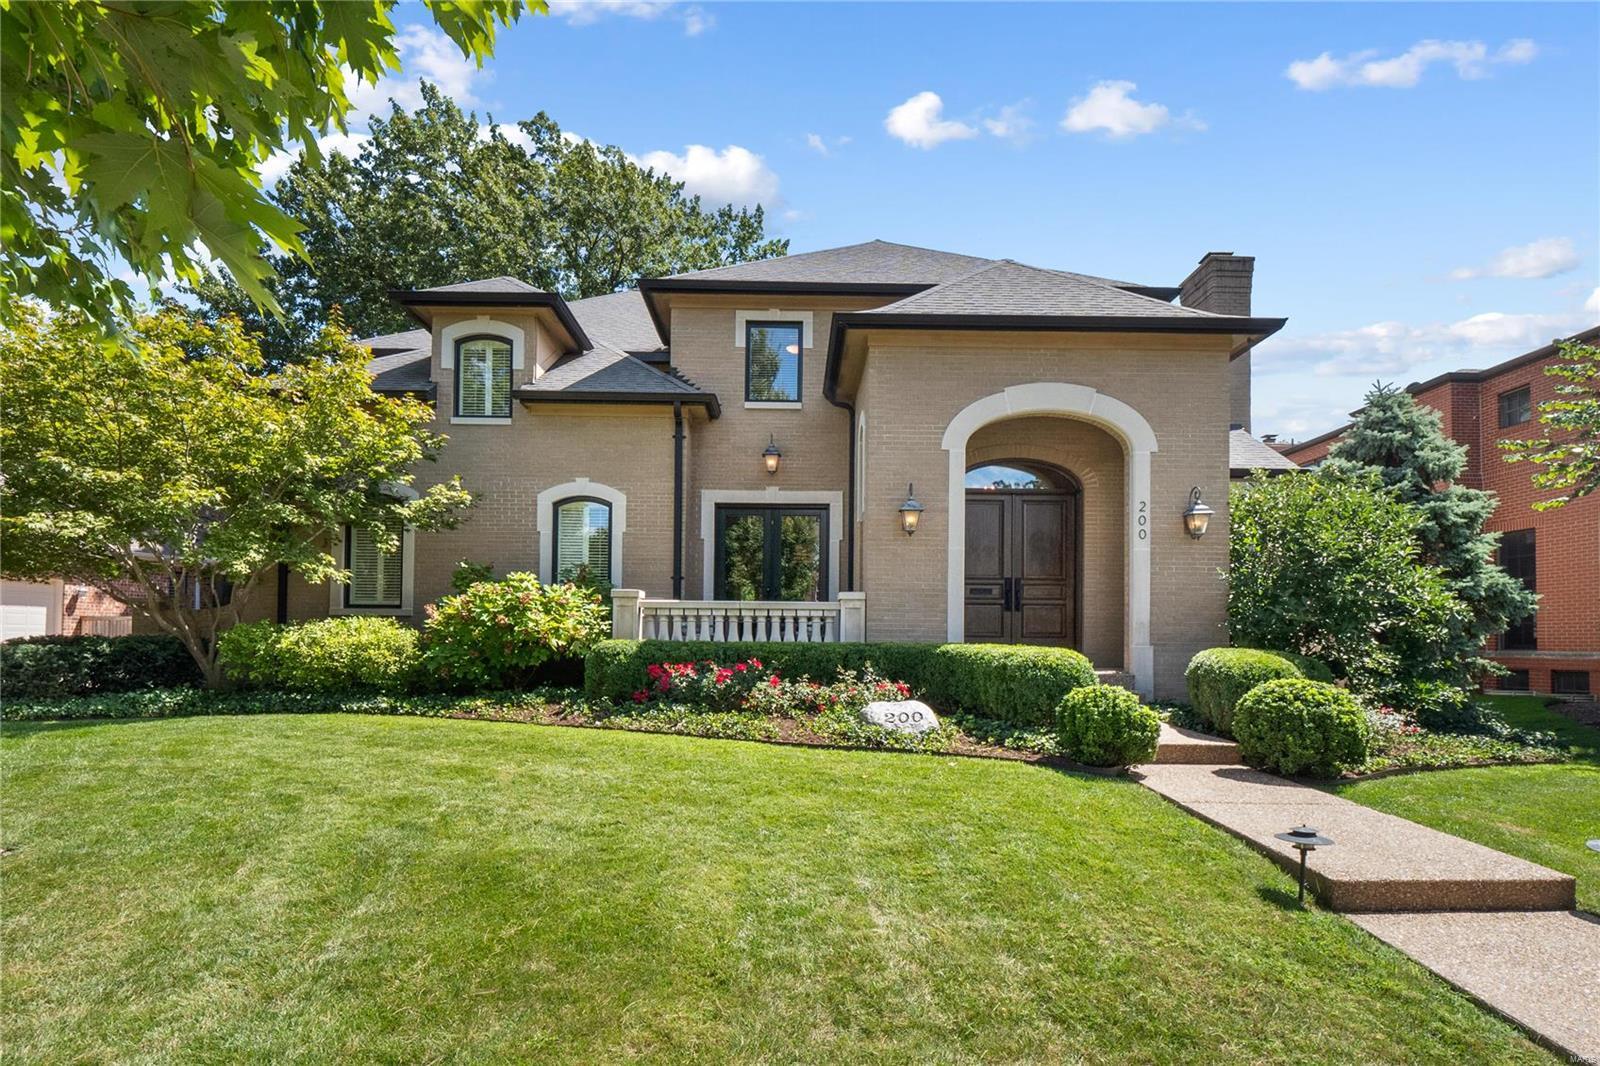 200 Topton Way Property Photo - Clayton, MO real estate listing